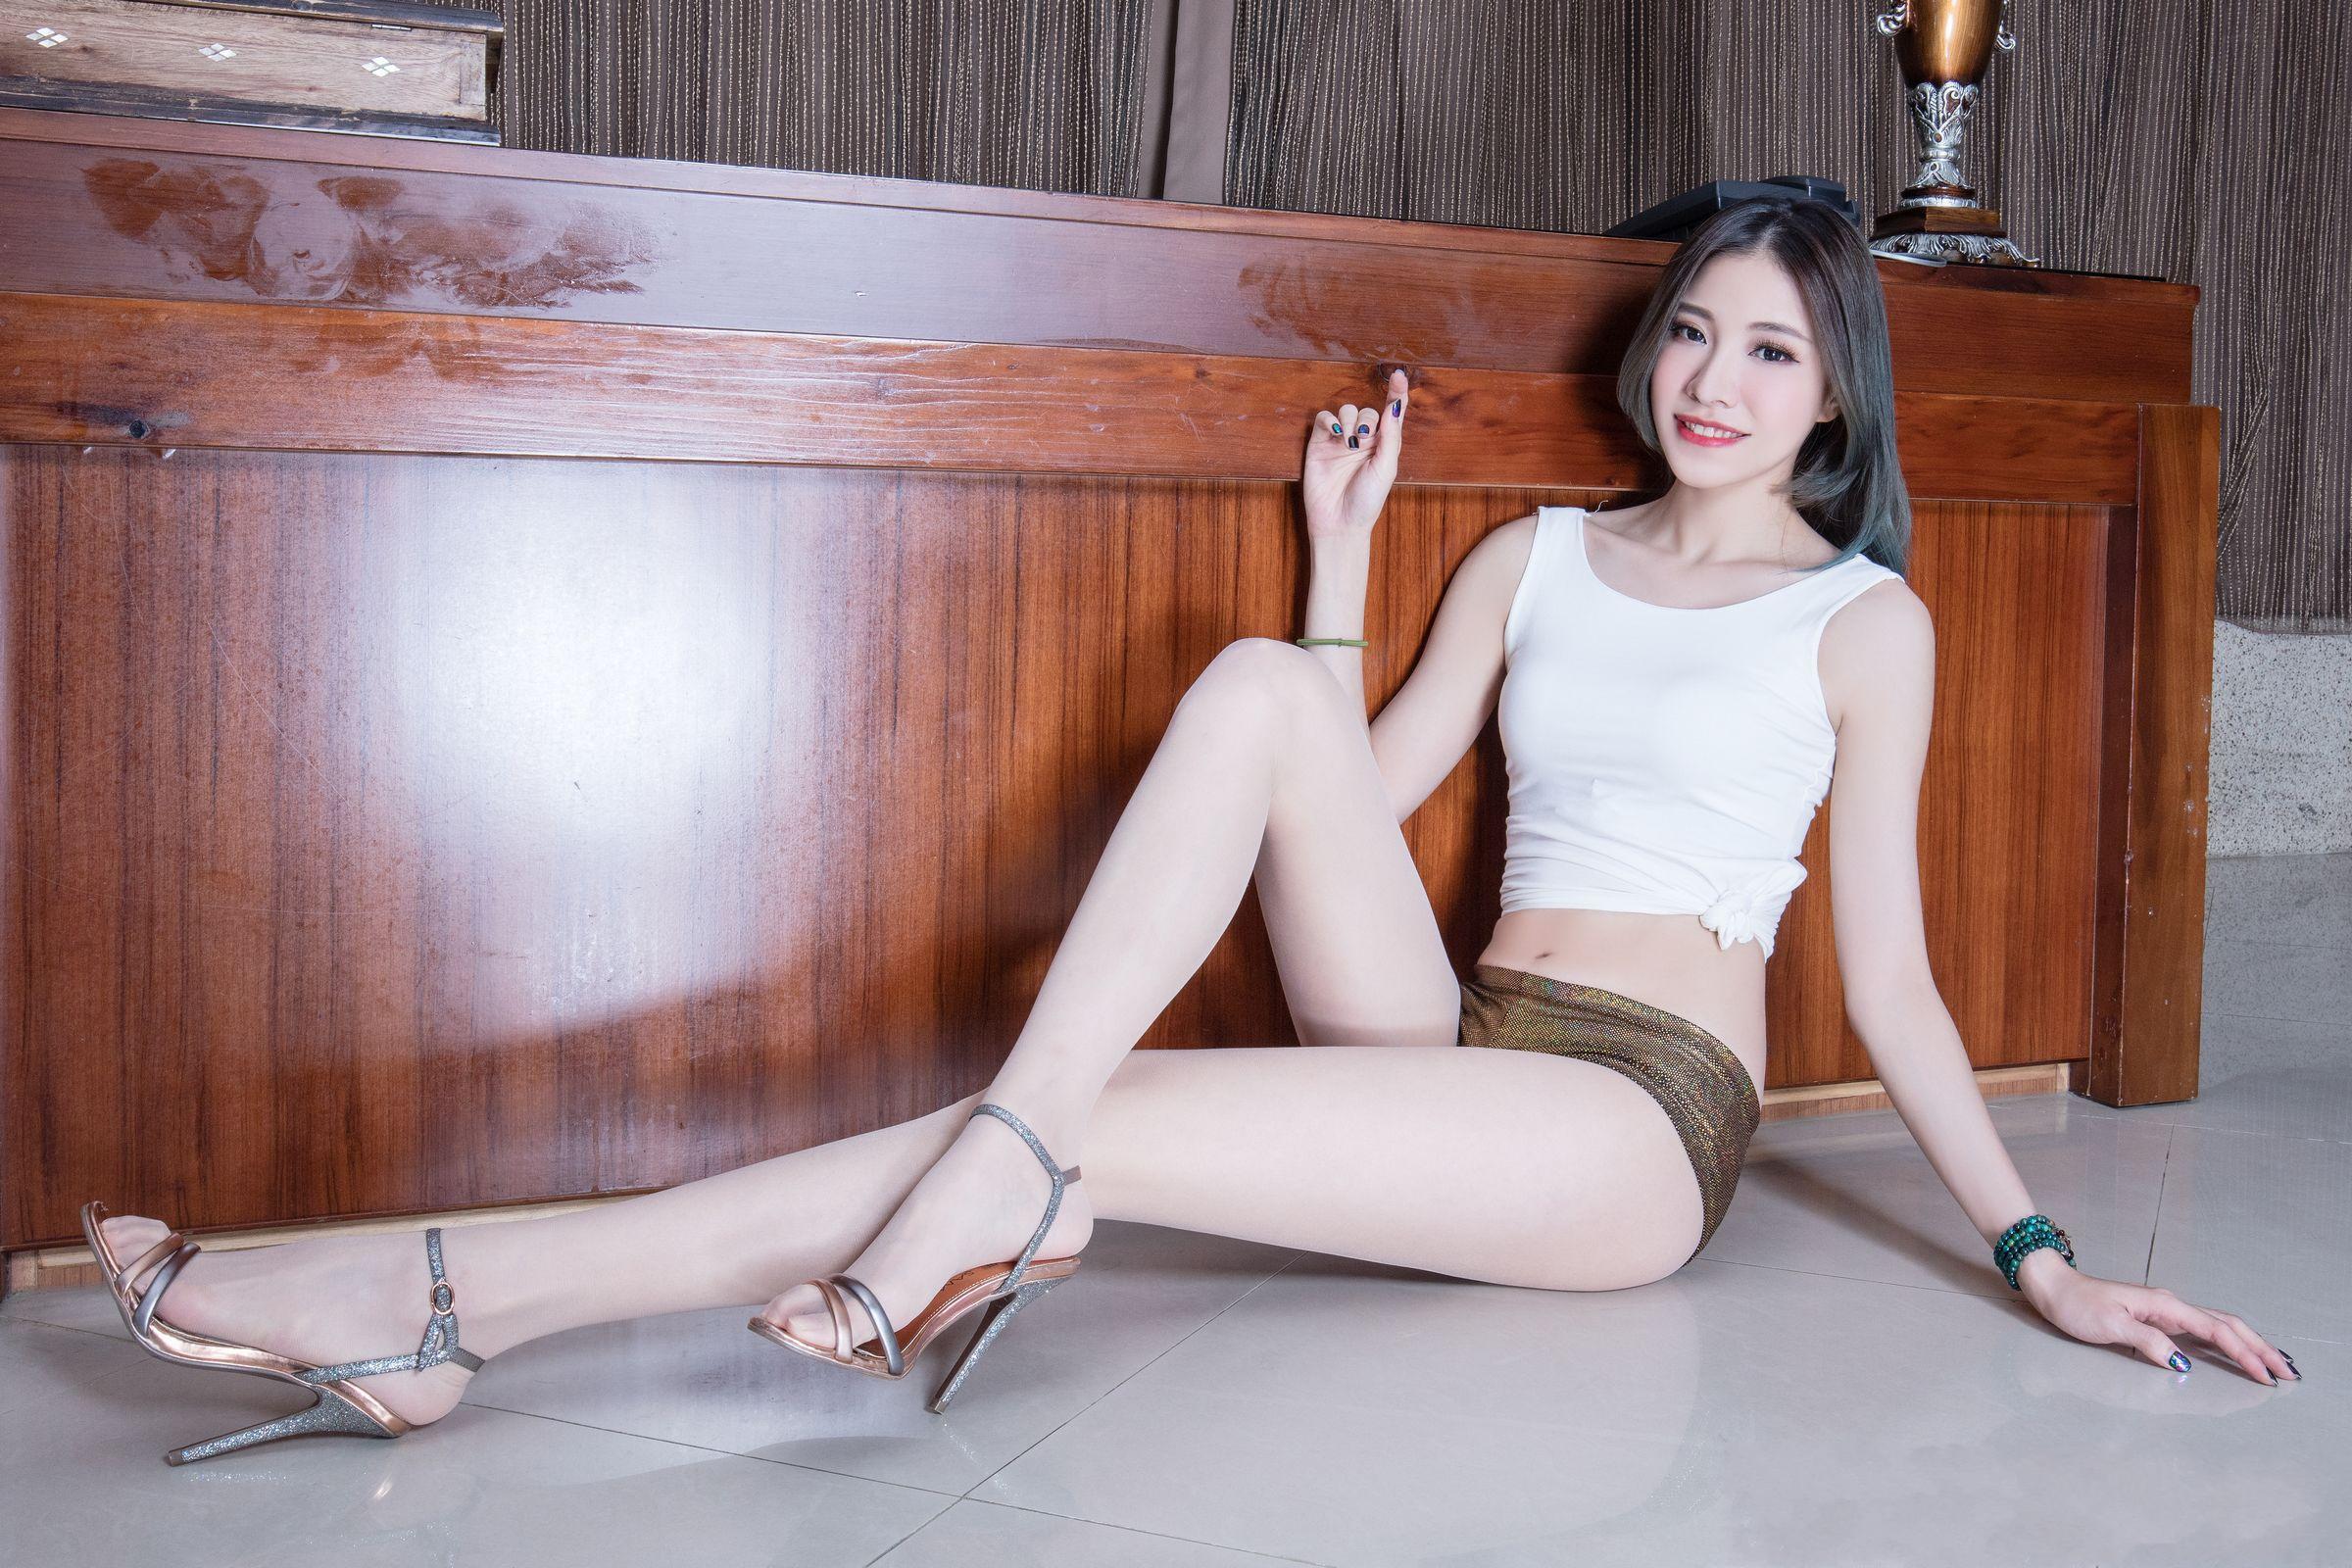 爱秀美腿秀Abby2 - 花開有聲 - 花開有聲